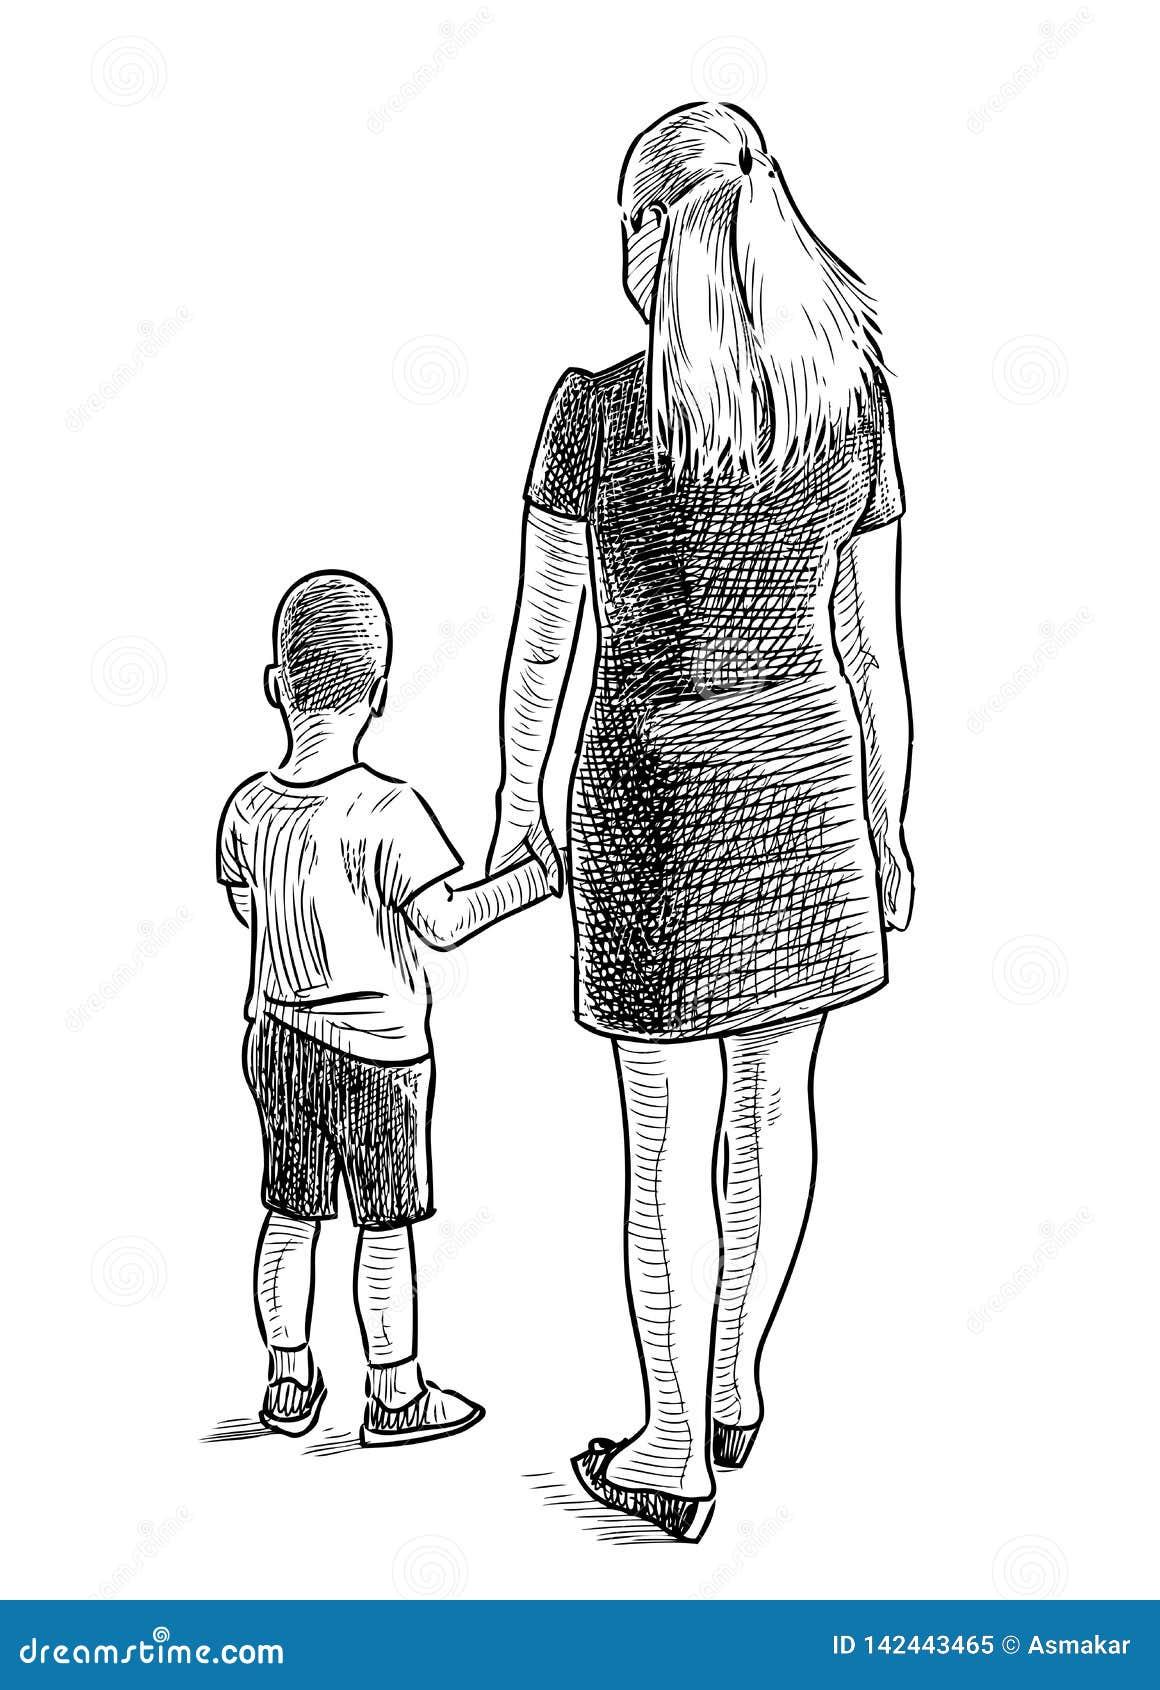 Um Desenho Da Mao De Uma Mae Nova Com Seu Filho Pequeno Ilustracao